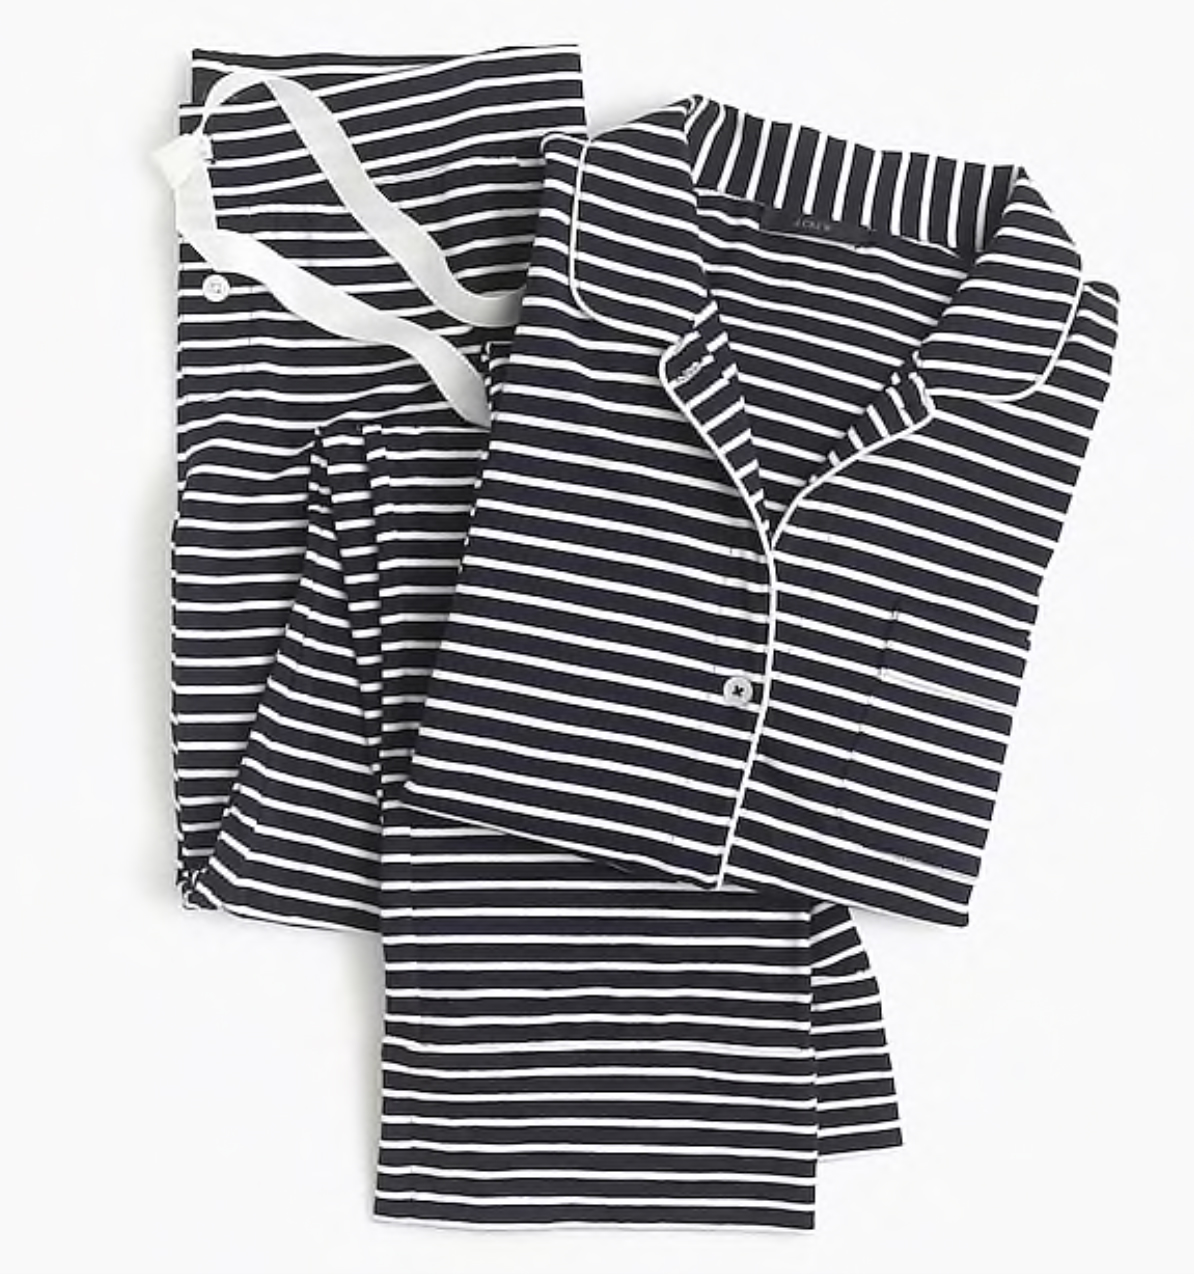 J.Crew: Dreamy Cotton Pajamas